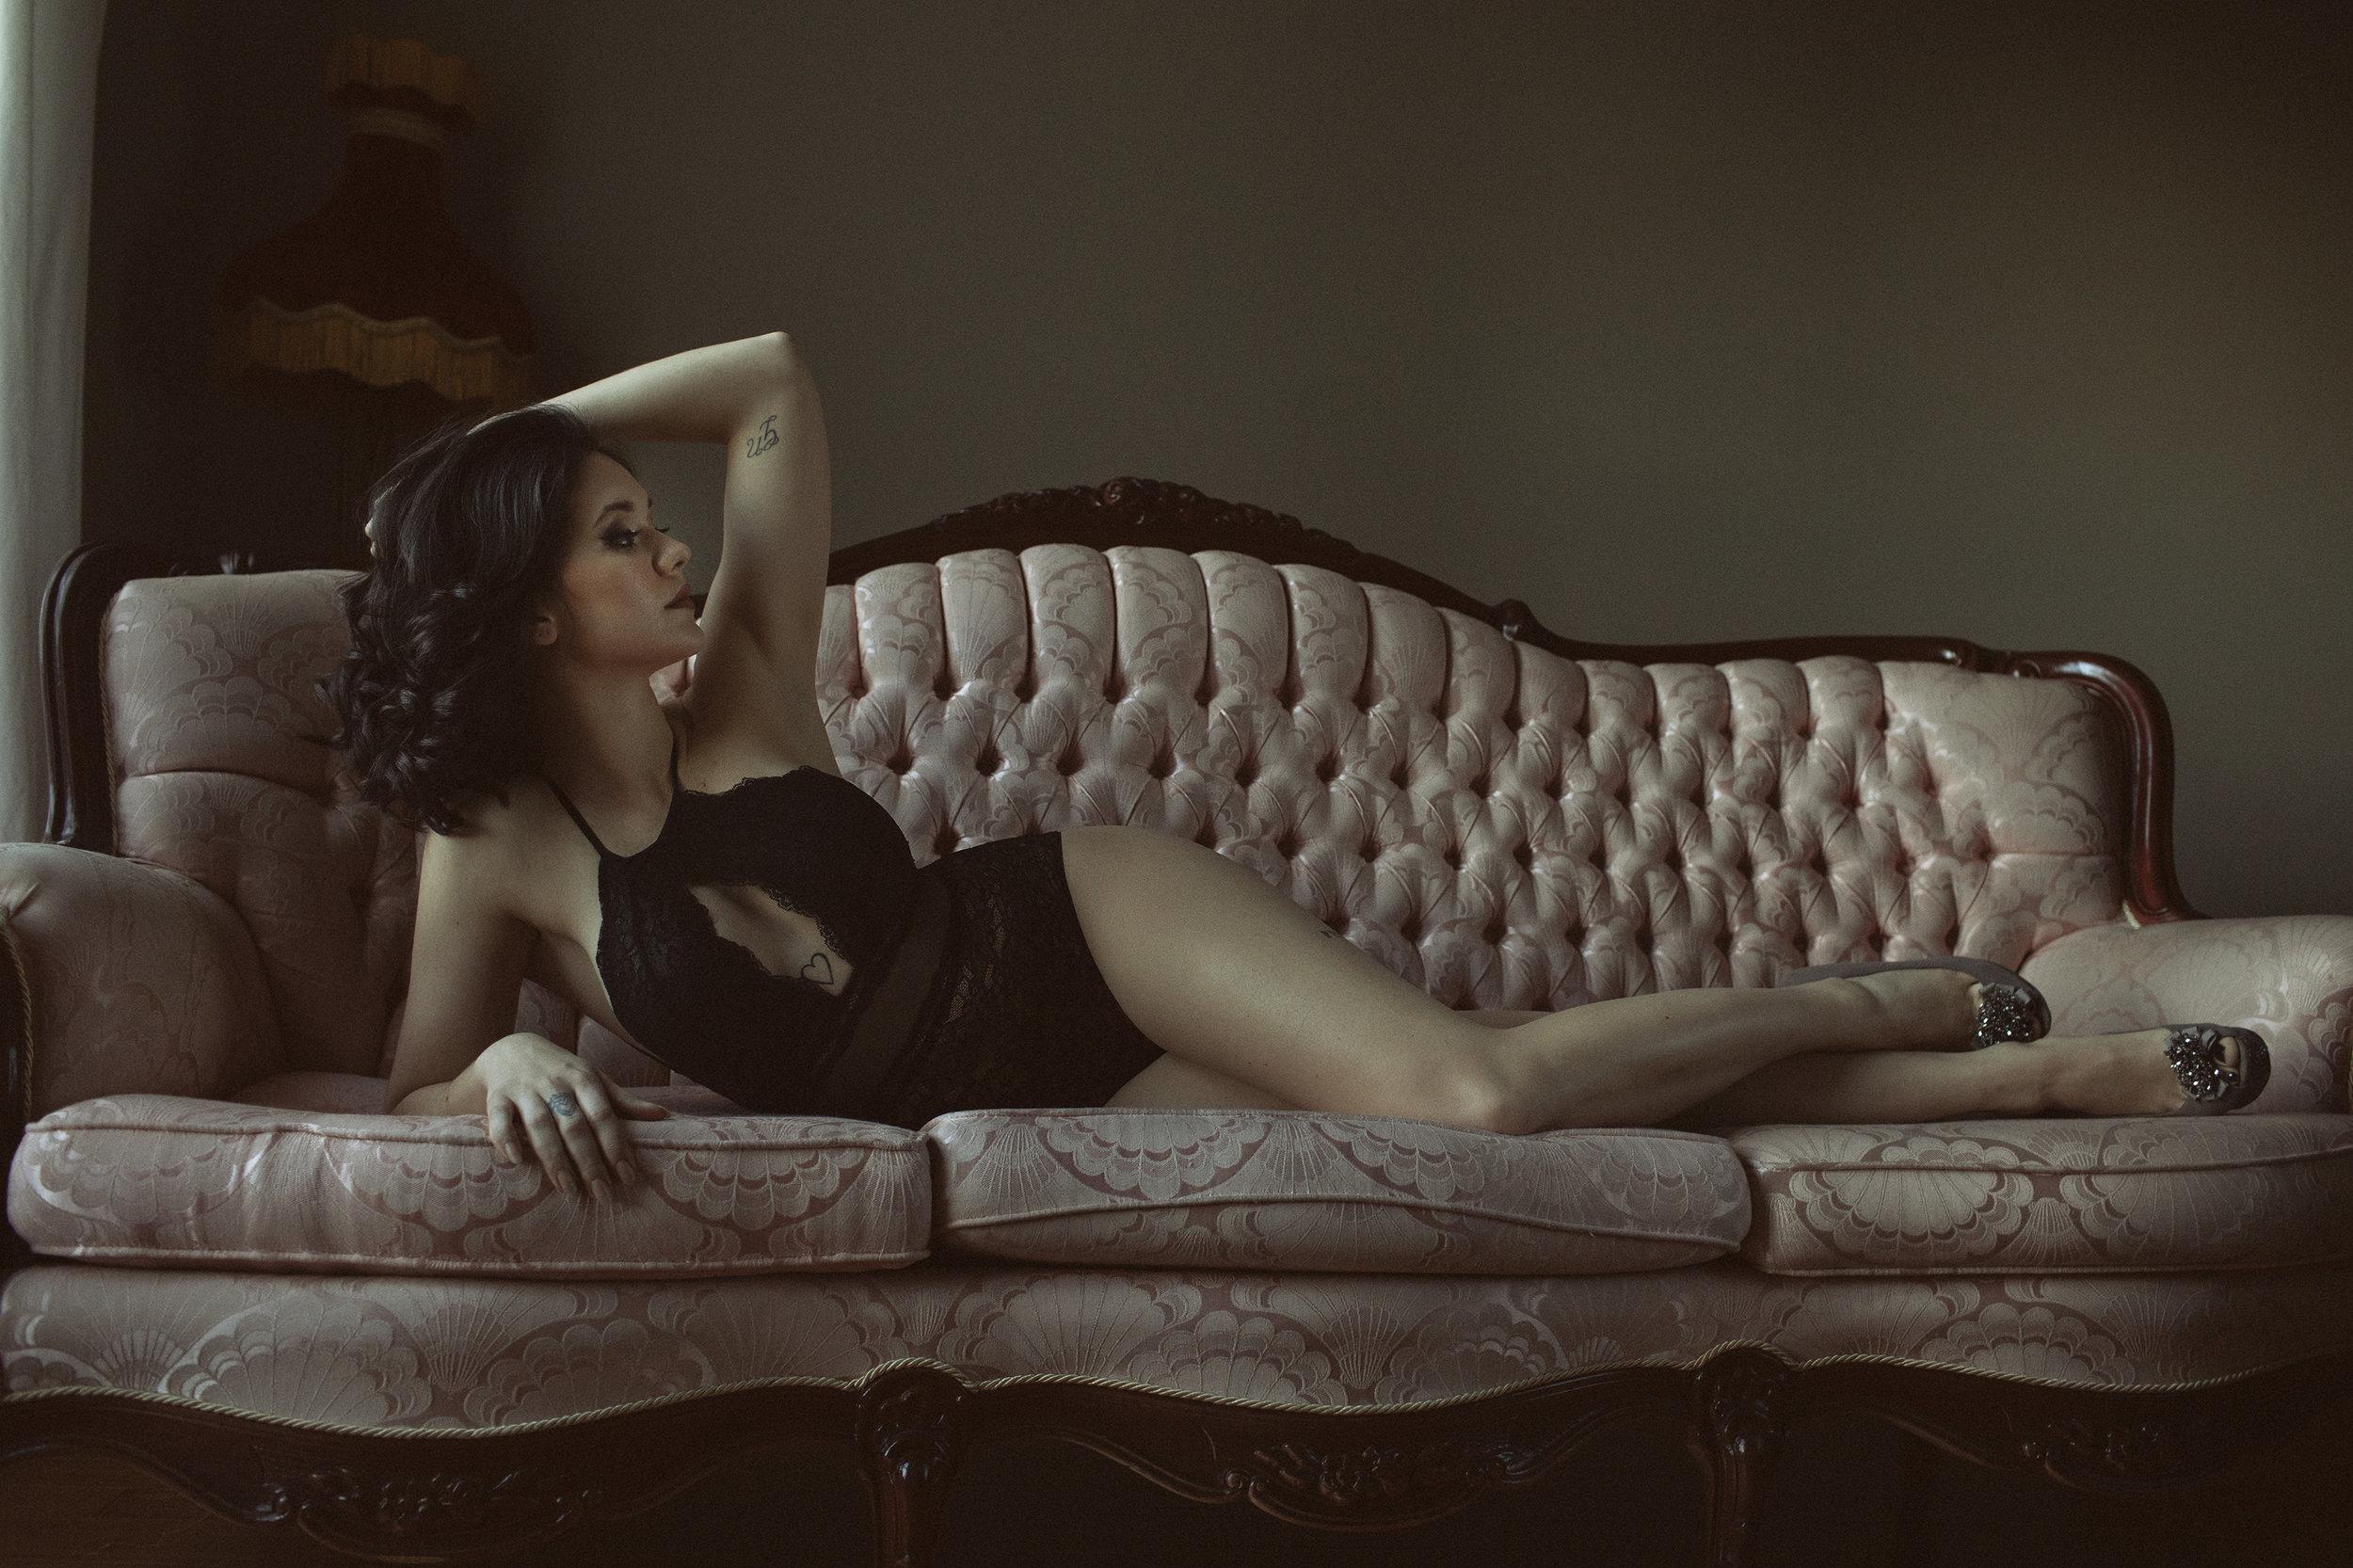 Erika-Bodysuit-Tattoos-Coudh.jpg